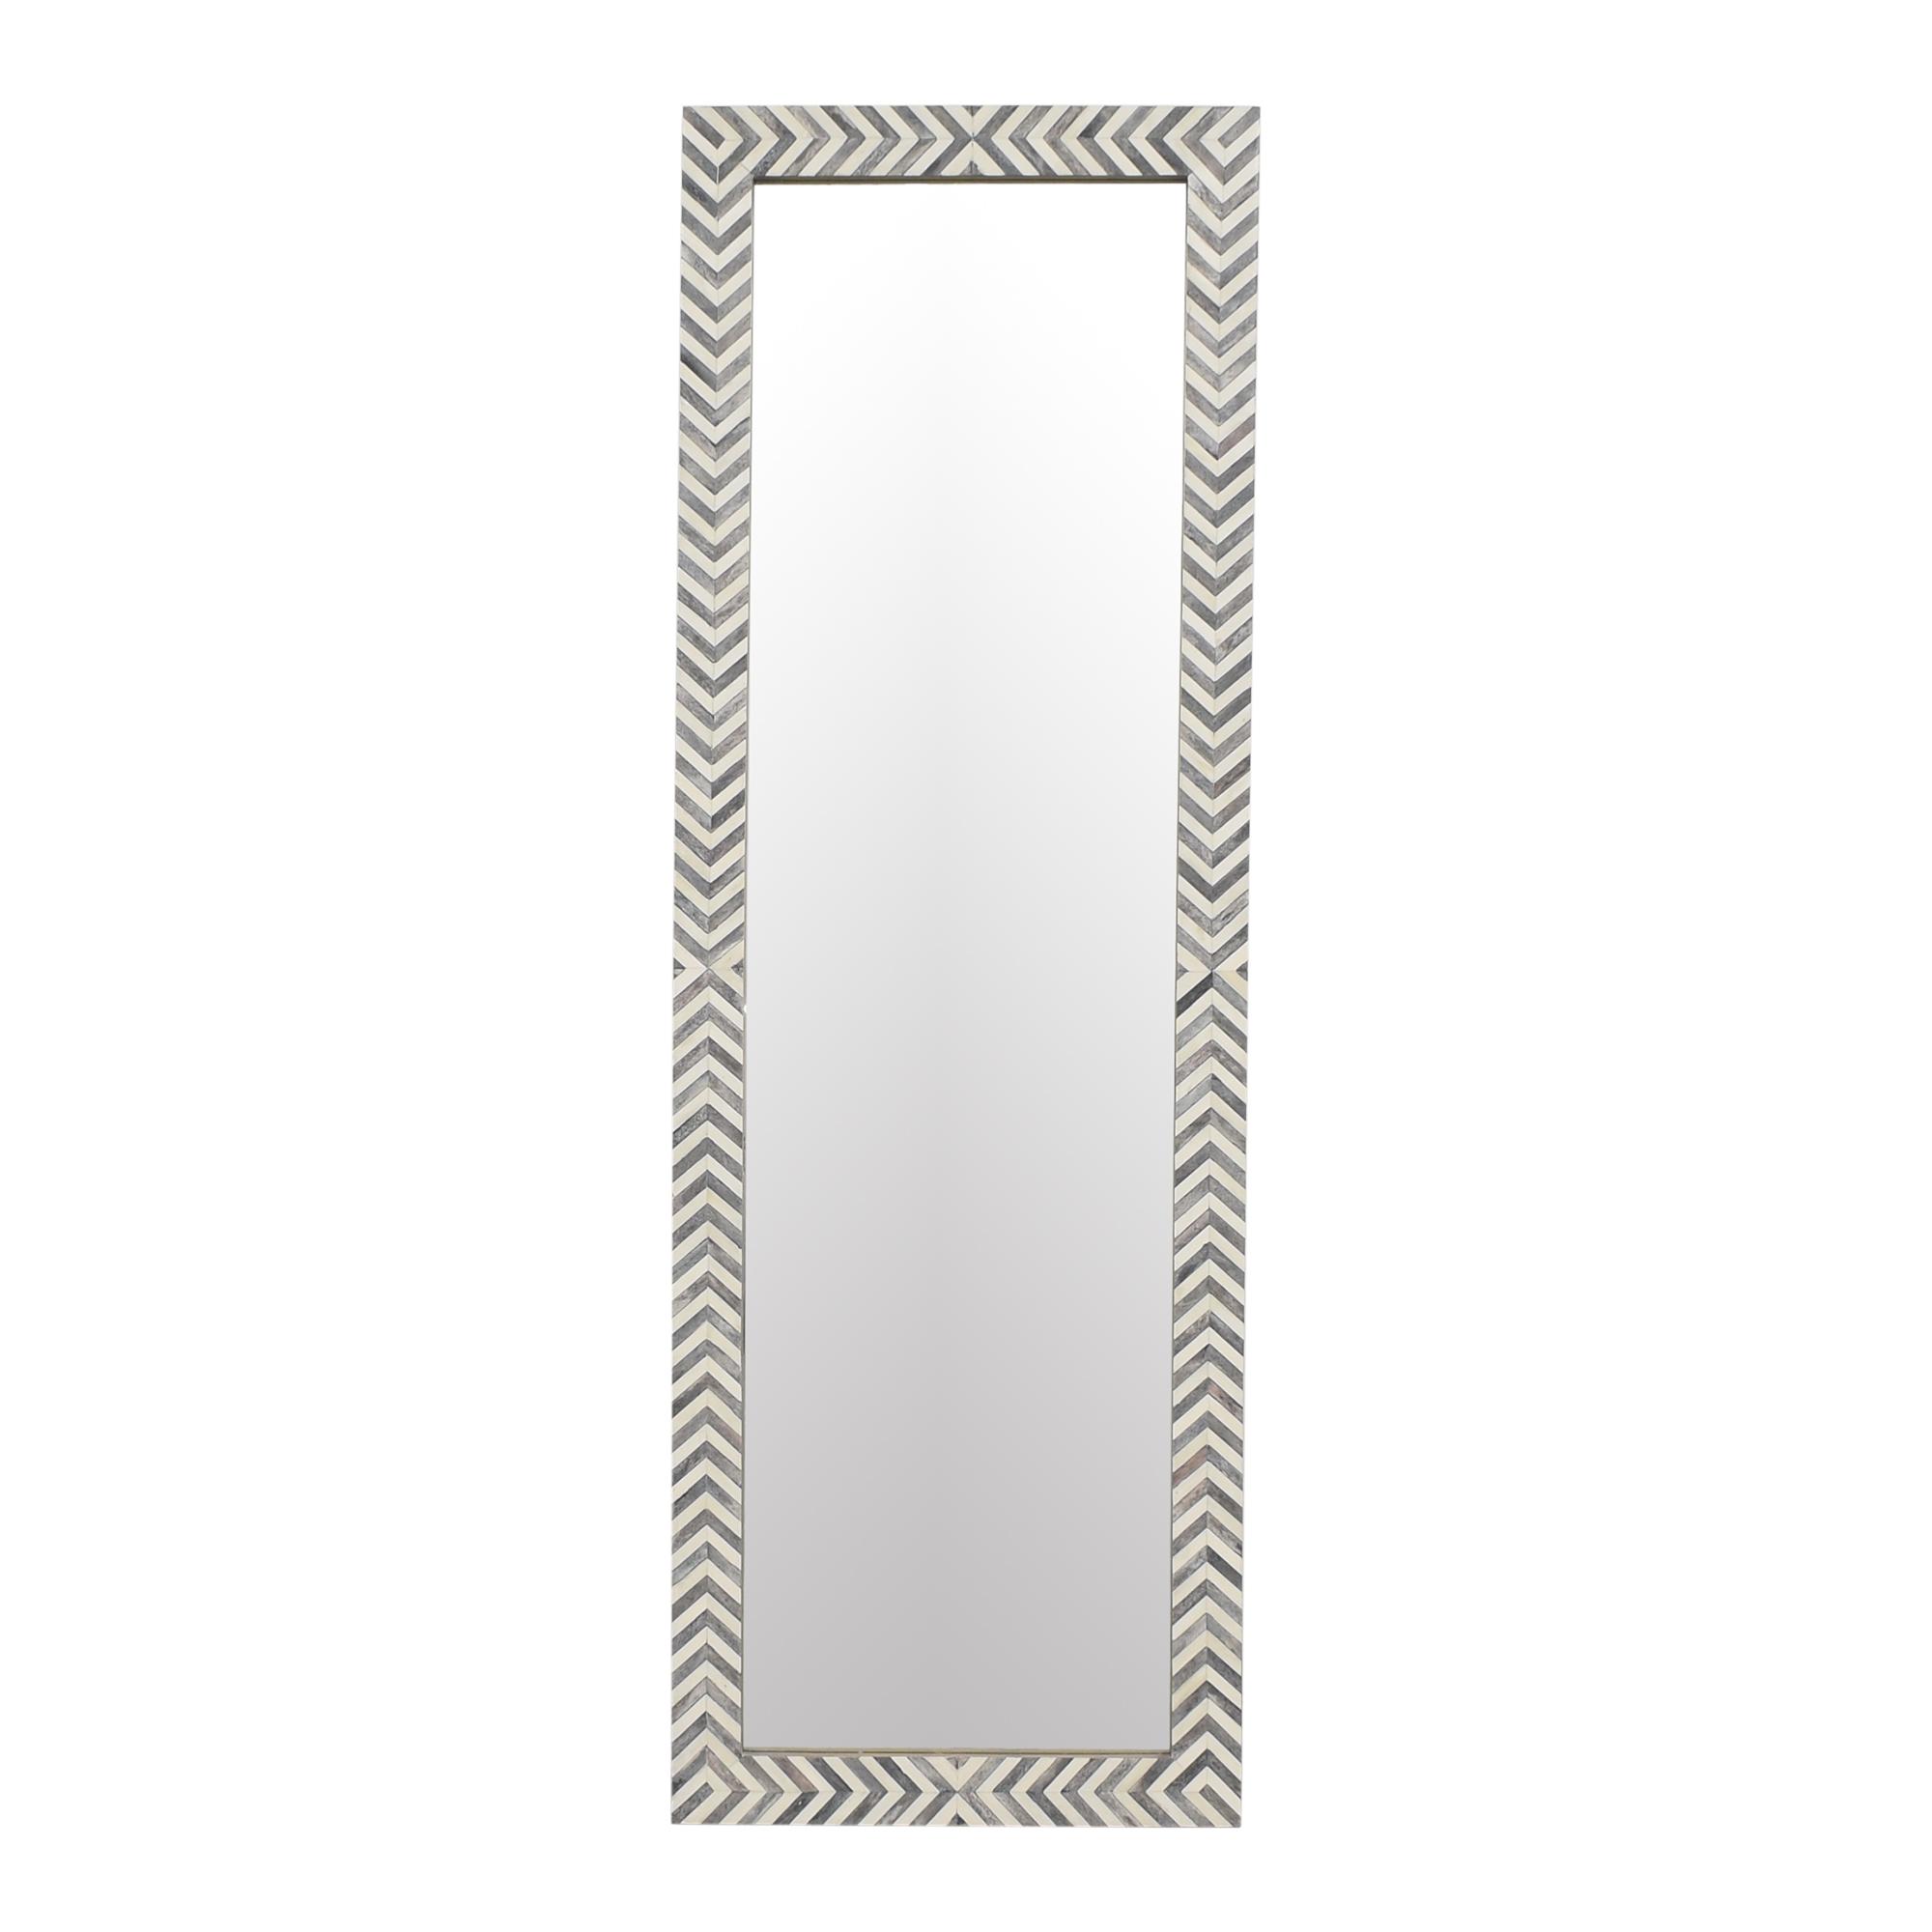 West Elm West Elm Parsons Herringbone Floor Mirror grey & white